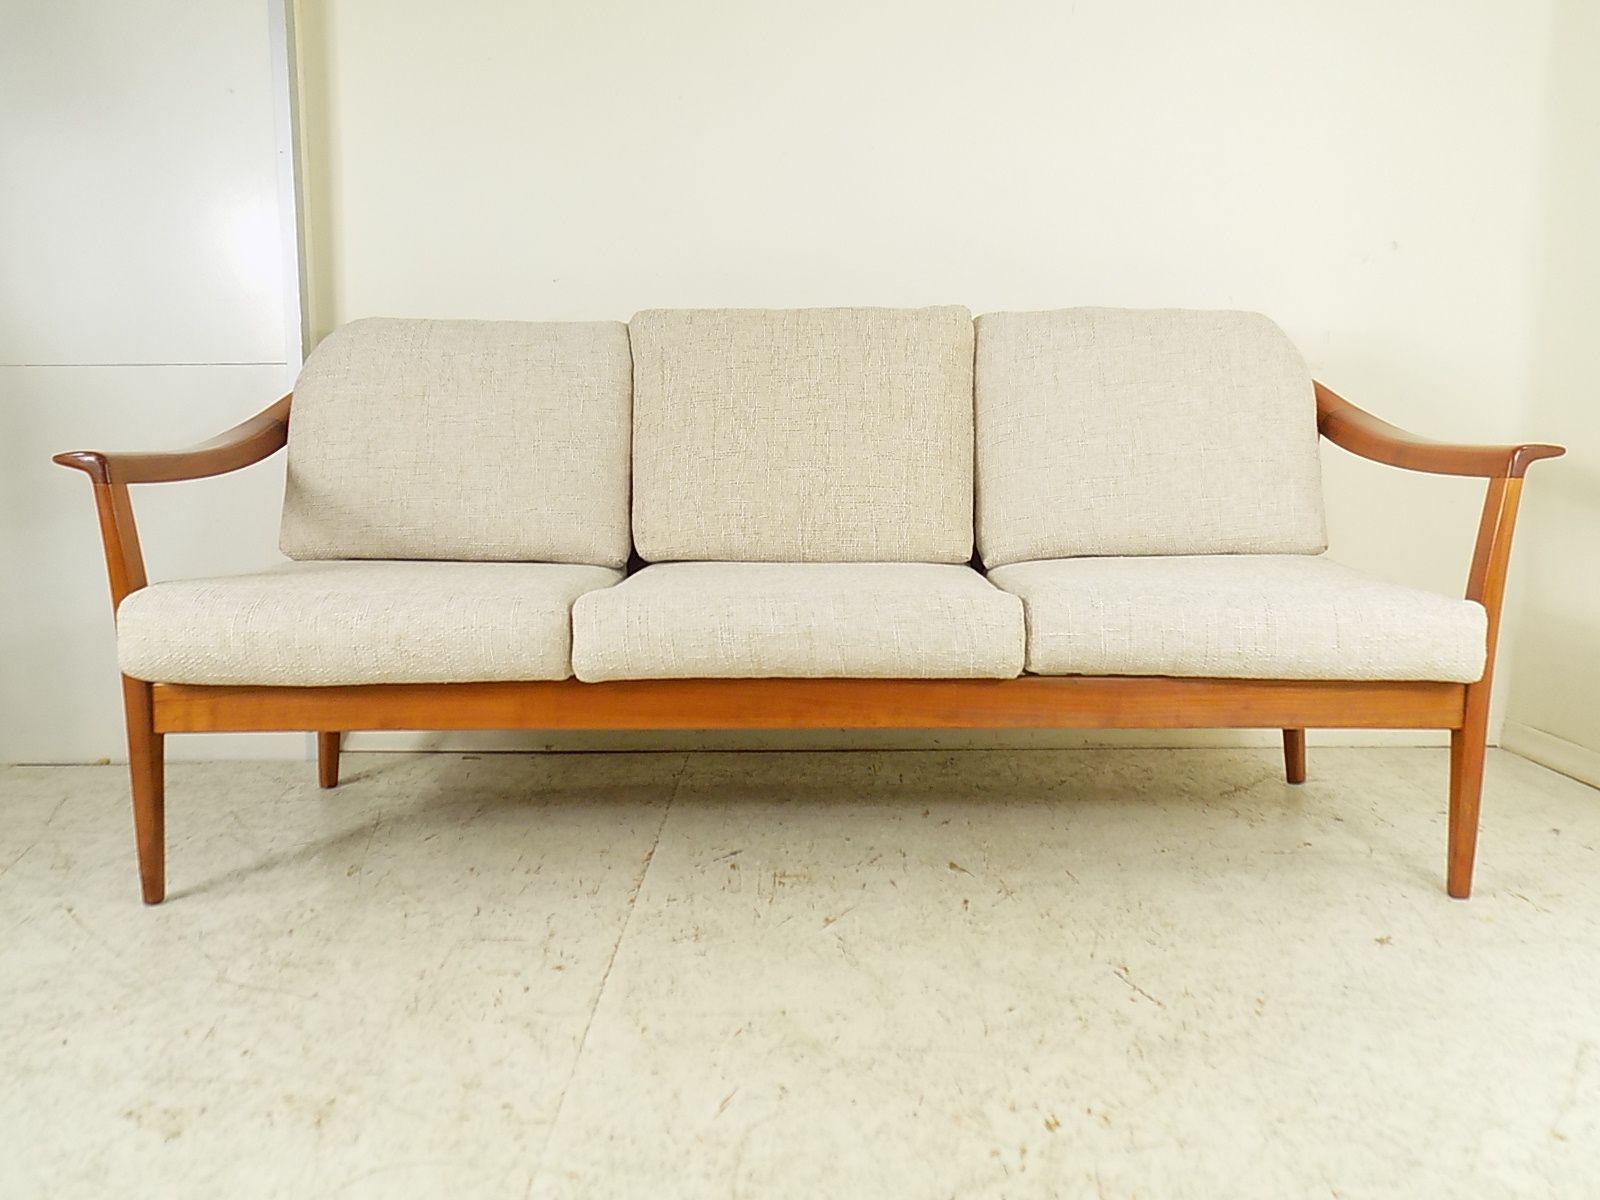 vintage kirschholz 3 sitzer sofa von wilhelm knoll 1960er bei pamono kaufen. Black Bedroom Furniture Sets. Home Design Ideas